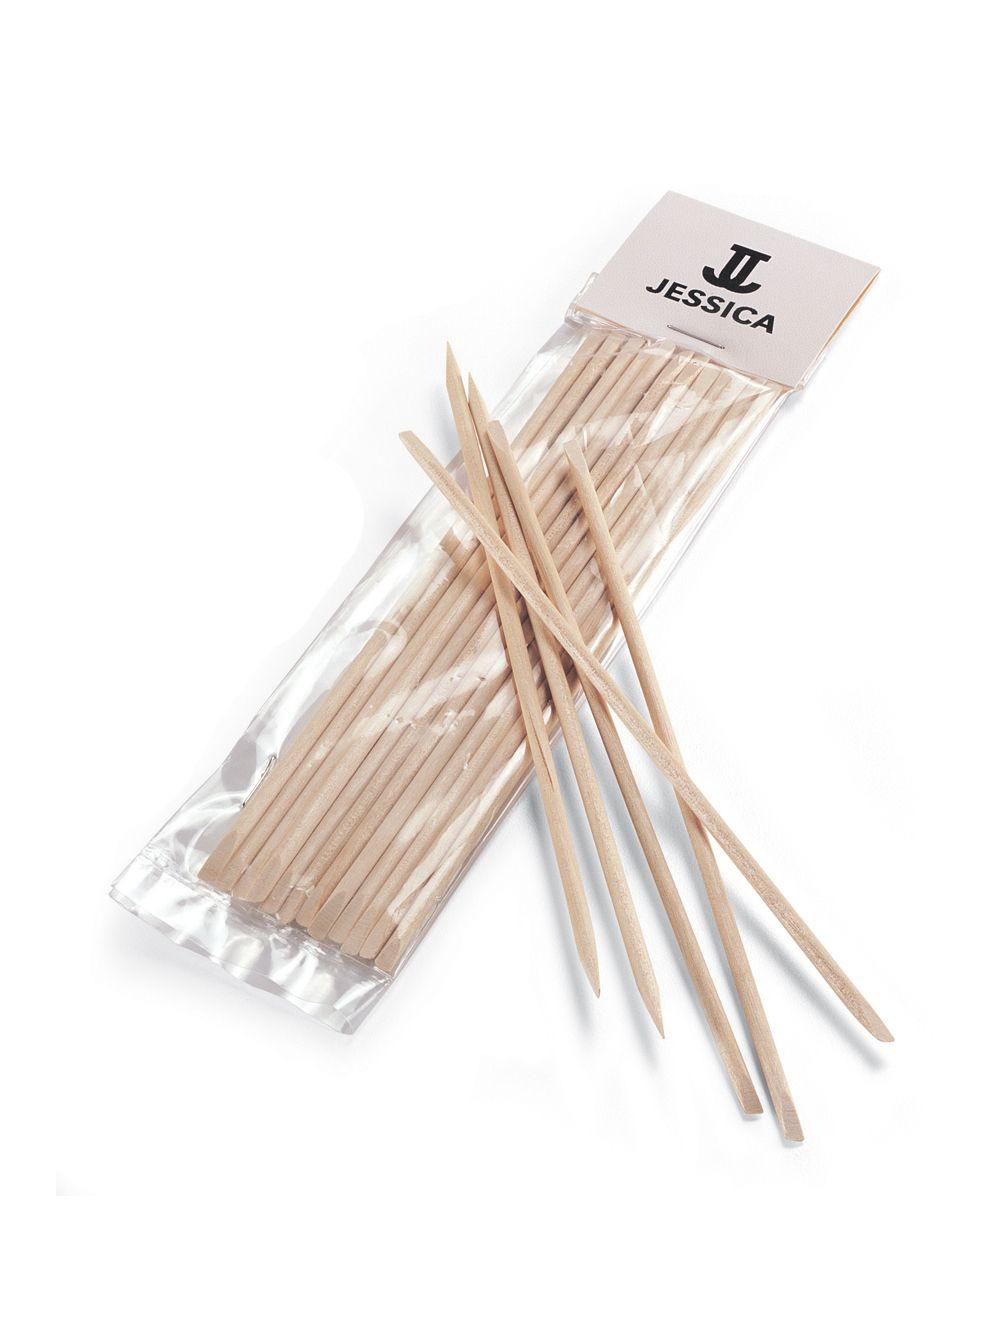 Jessica Cosmetics Orangewood Sticks